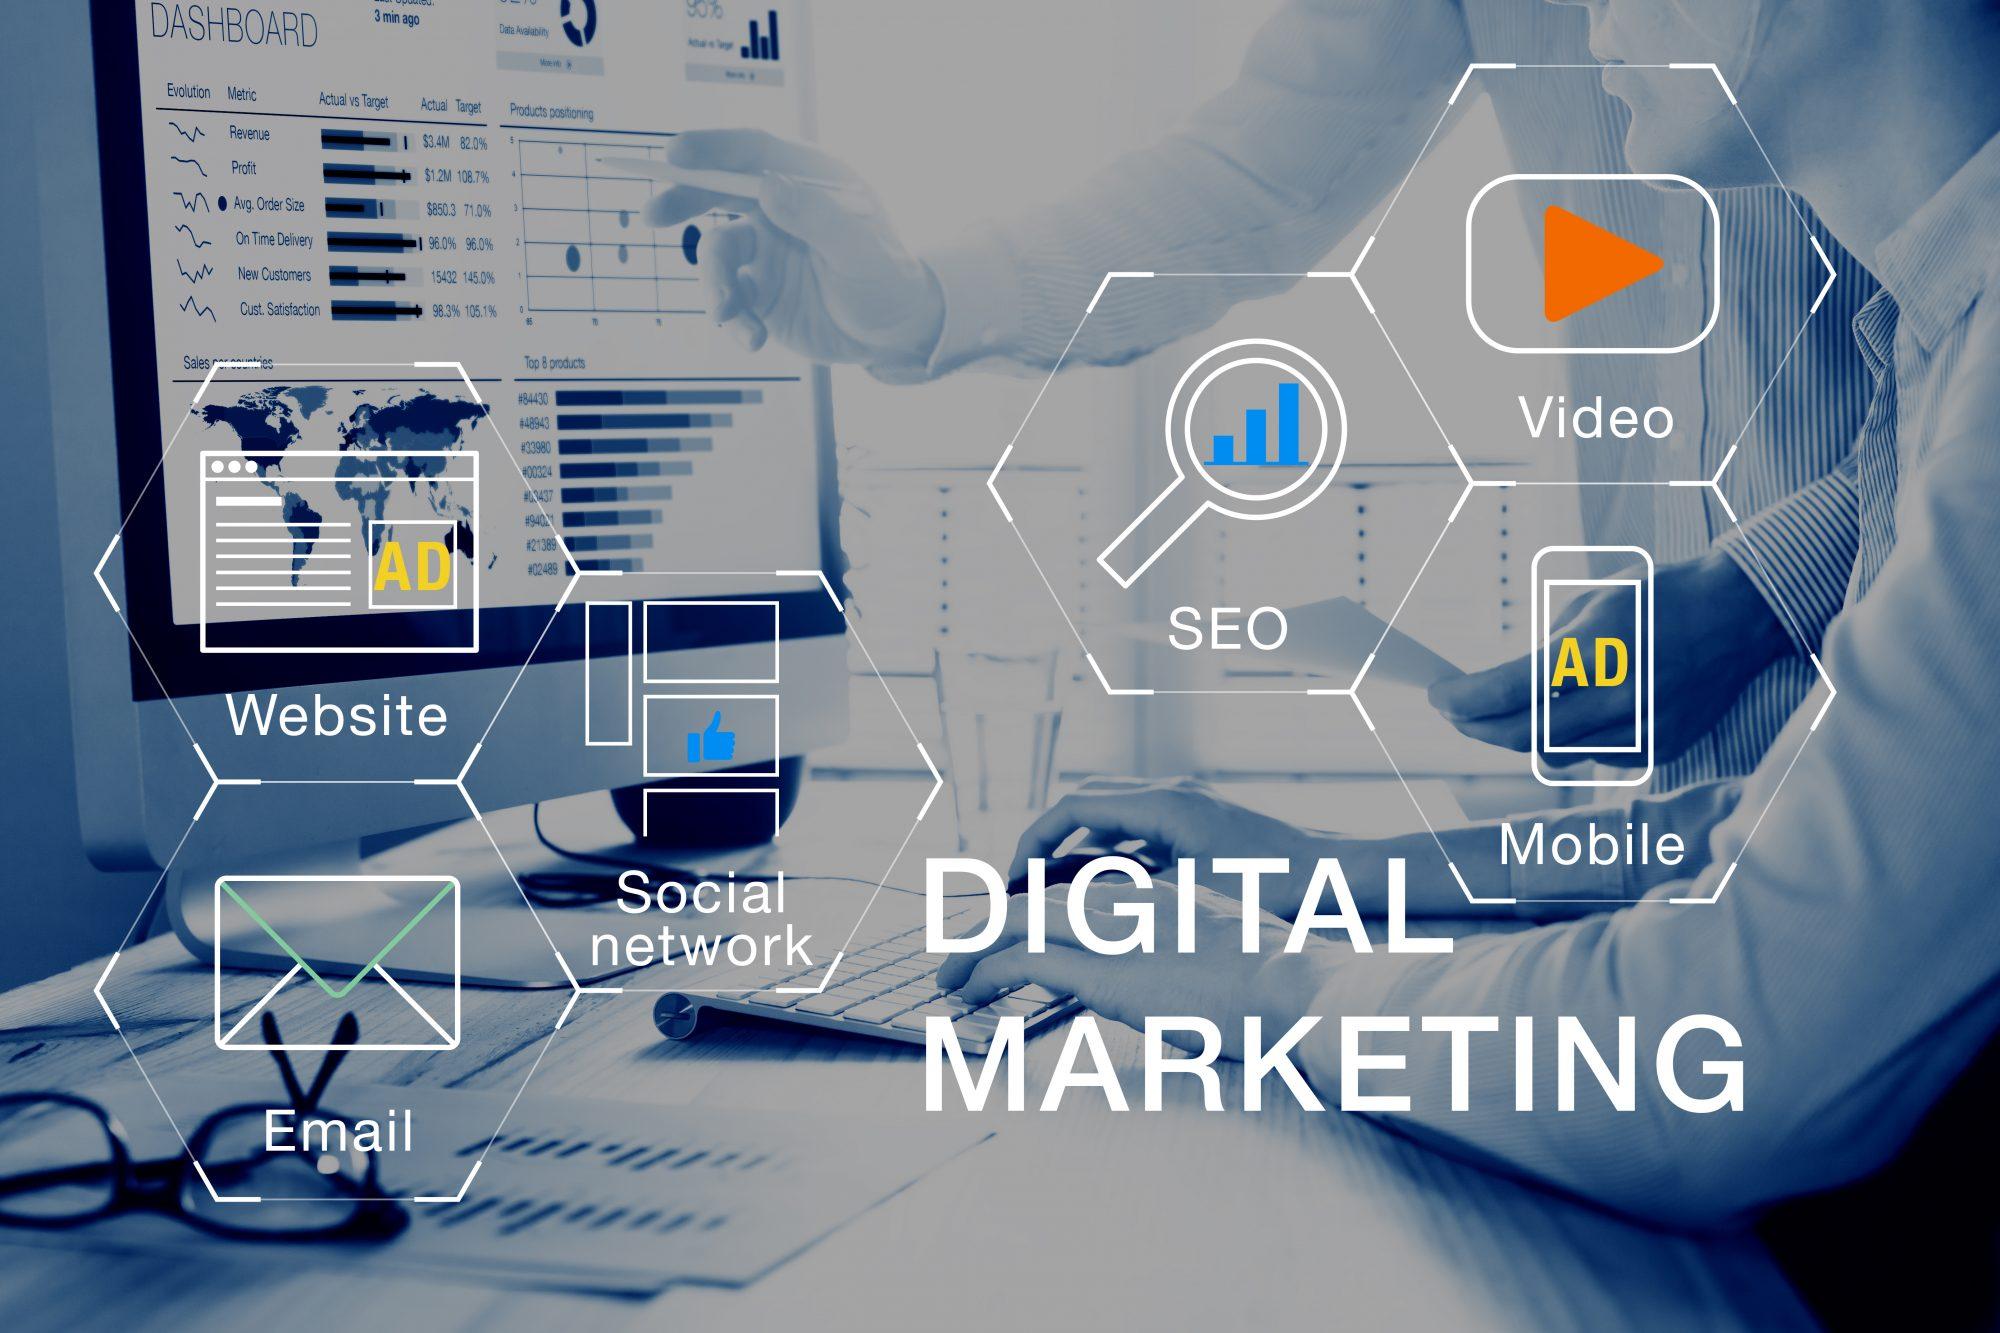 デジタルマーケティングを実践するにあたって、気をつけなくてはいけないこと